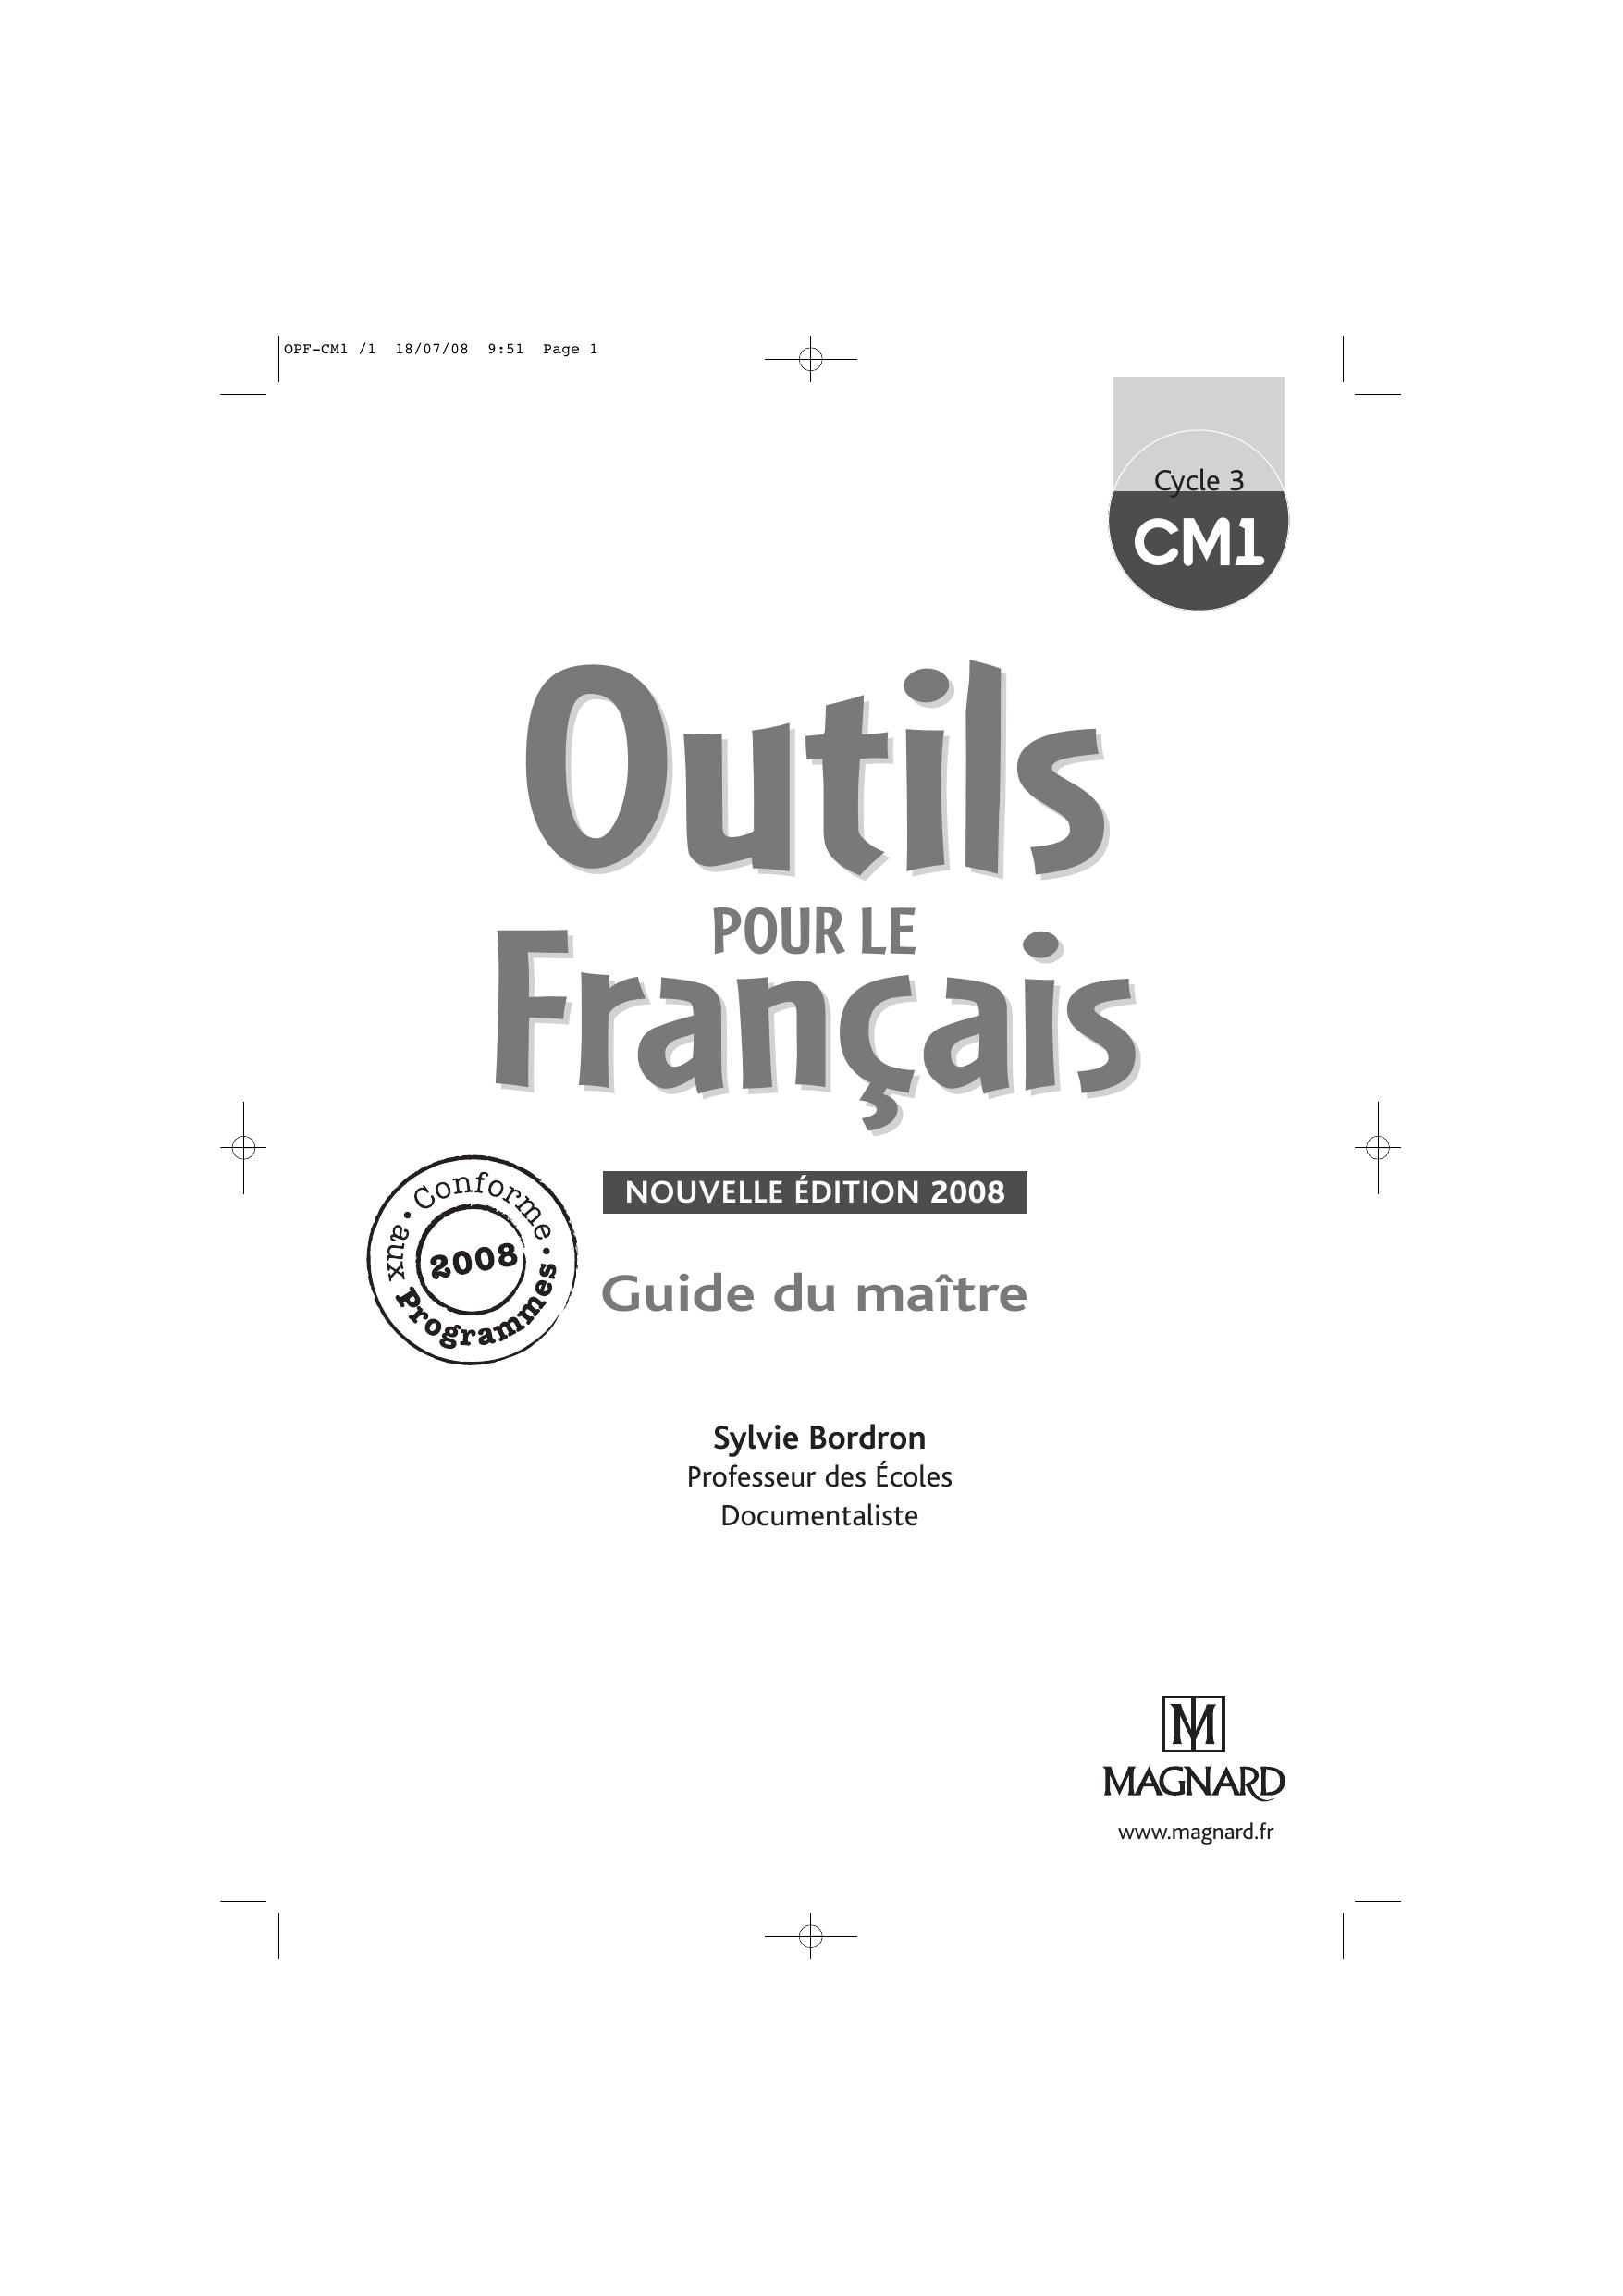 Corrigés Des Exercices - Outils Pour Le Français Cm1 pour Exercice Cm2 Gratuit